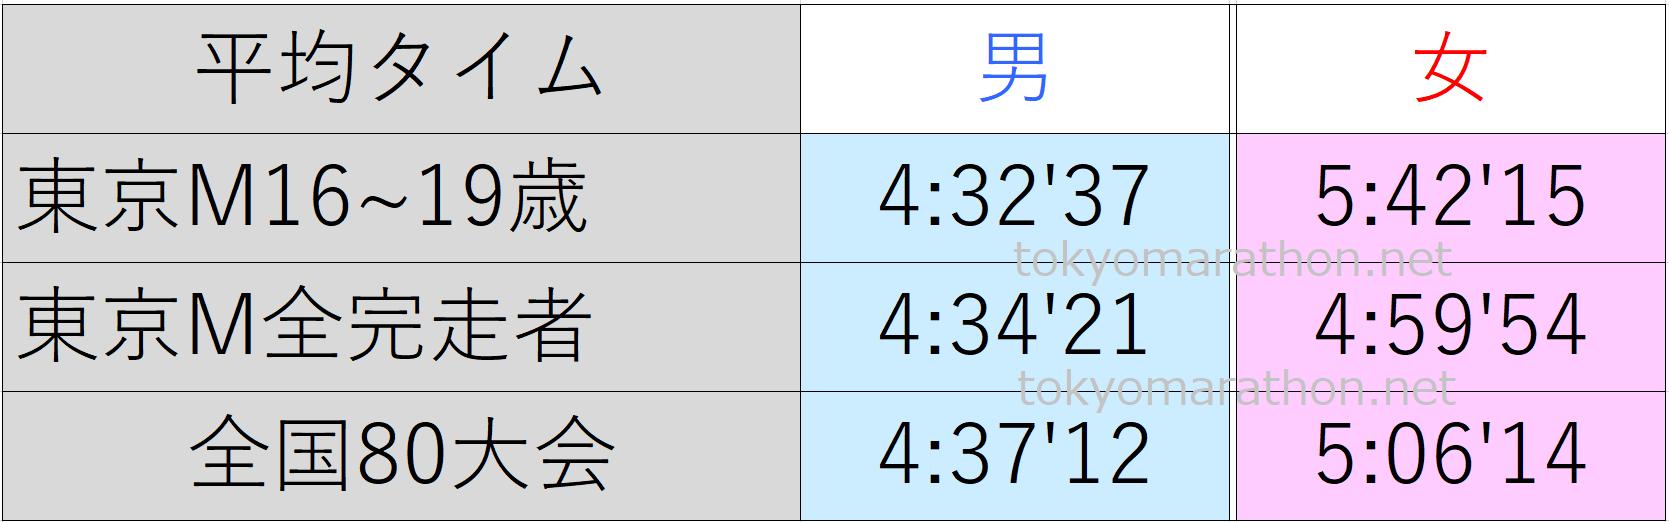 東京マラソン16~19歳の平均タイム、東京マラソン全ランナーの平均タイム、日本陸連公認の80大会の平均タイム一覧表。すべて男女別にまとめた画像です。